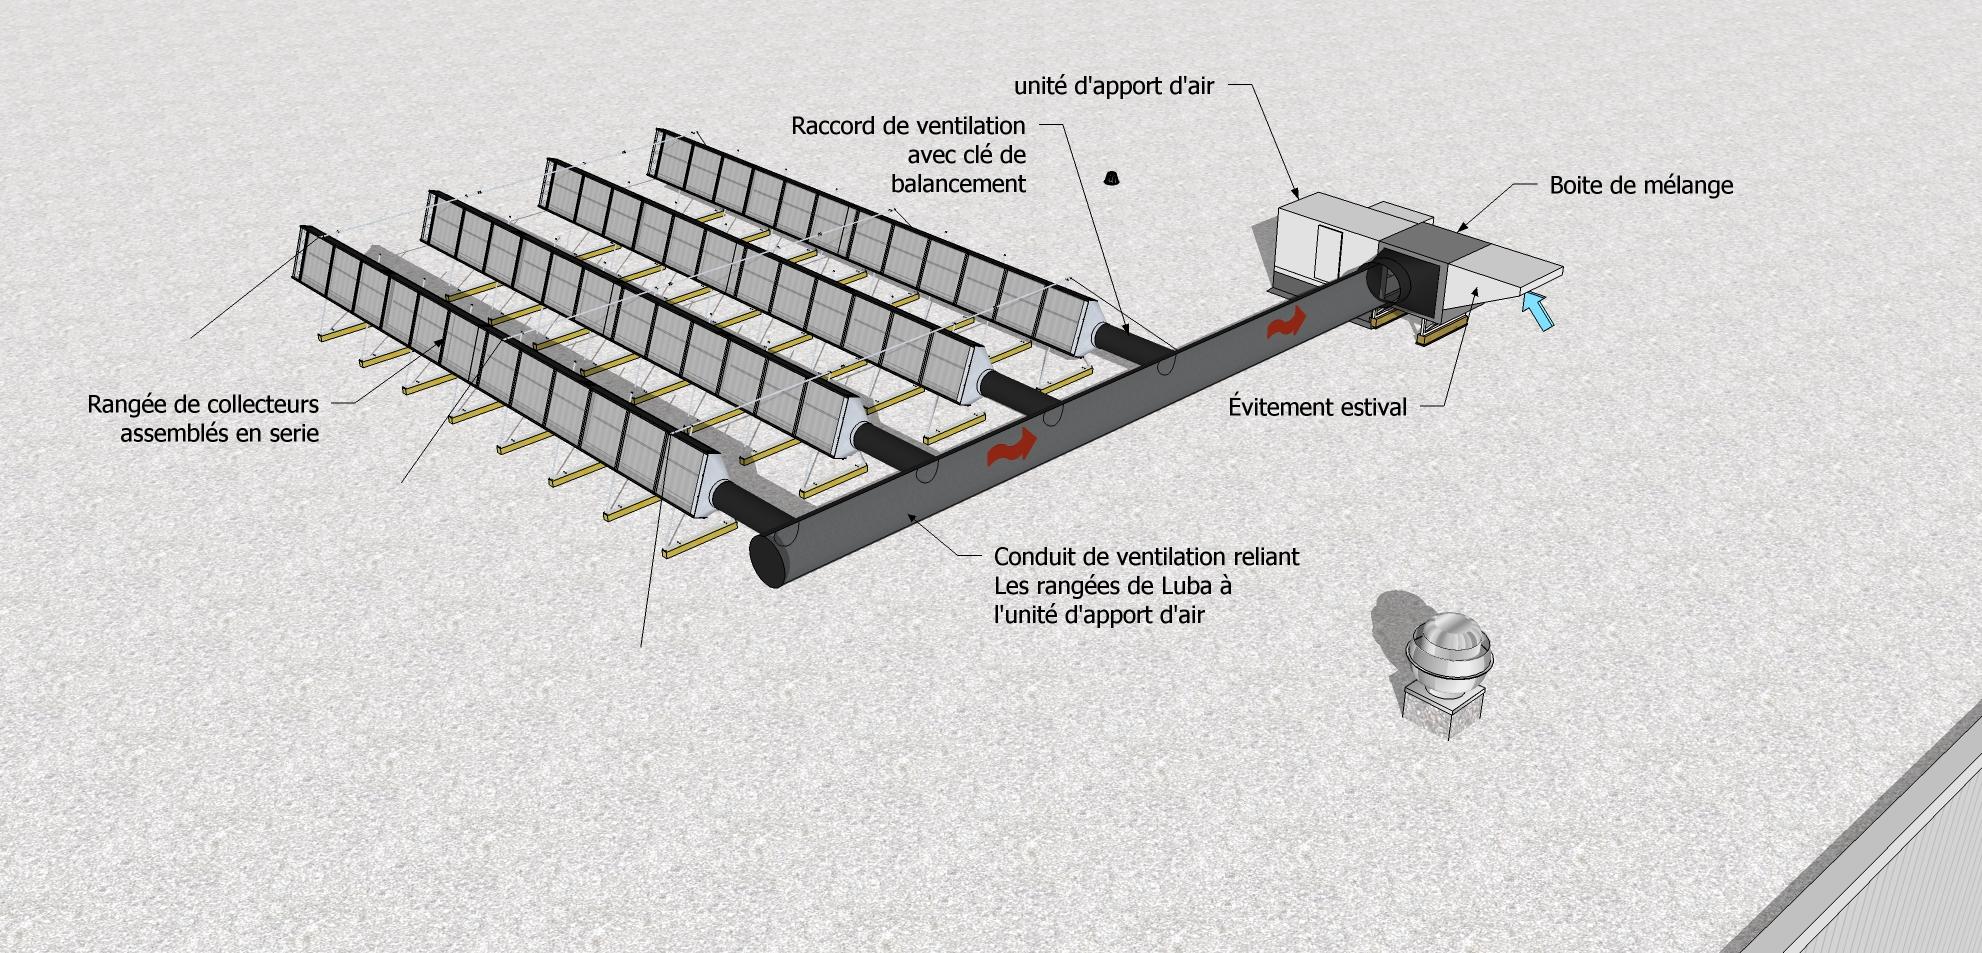 Arrangementau toitavecunité_fr